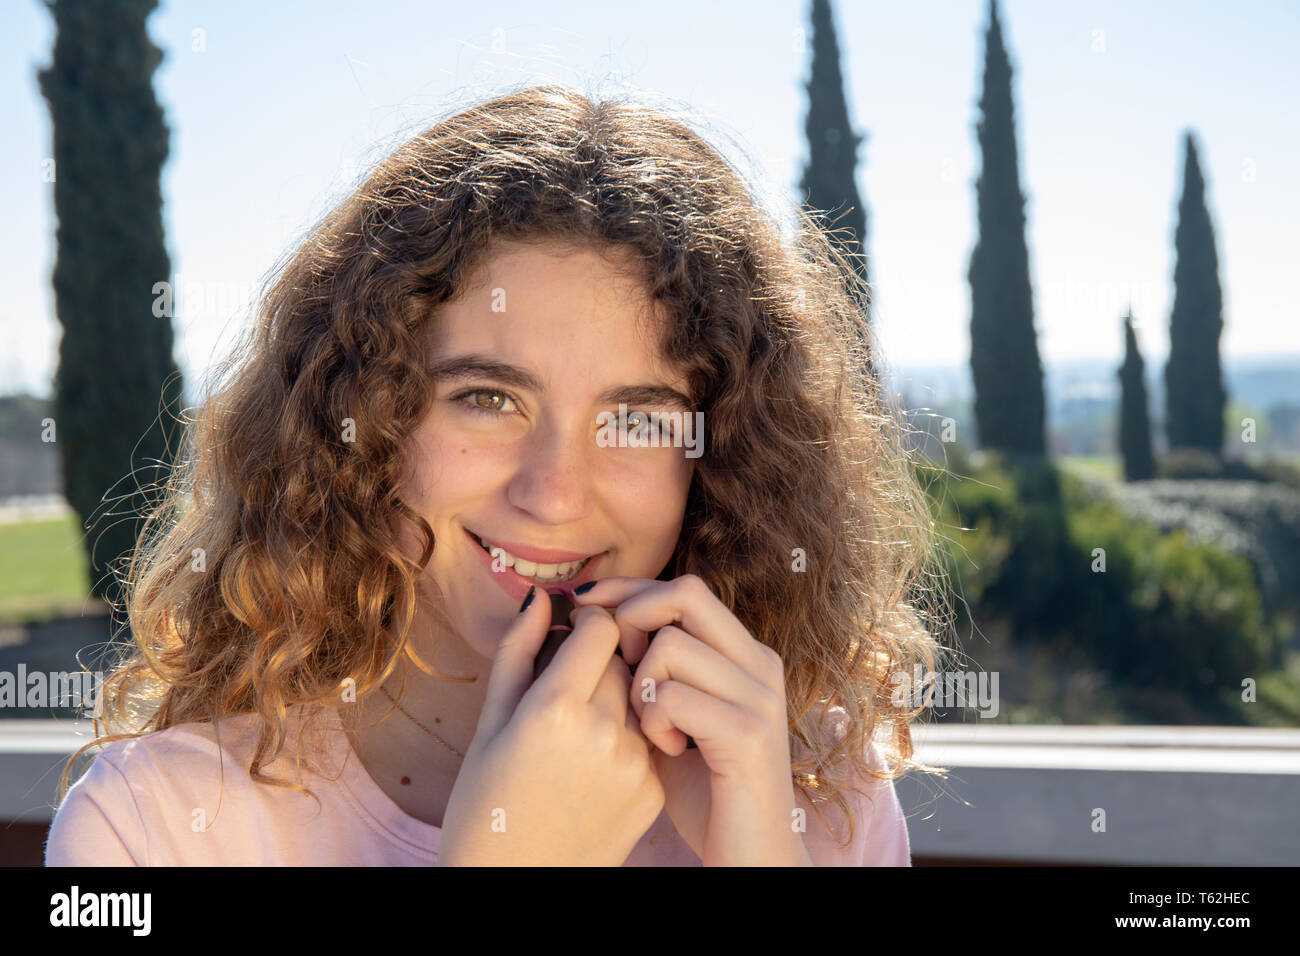 Portrait d'une pré-adolescente, posant dans un parc public sur un jour de printemps ensoleillé Photo Stock